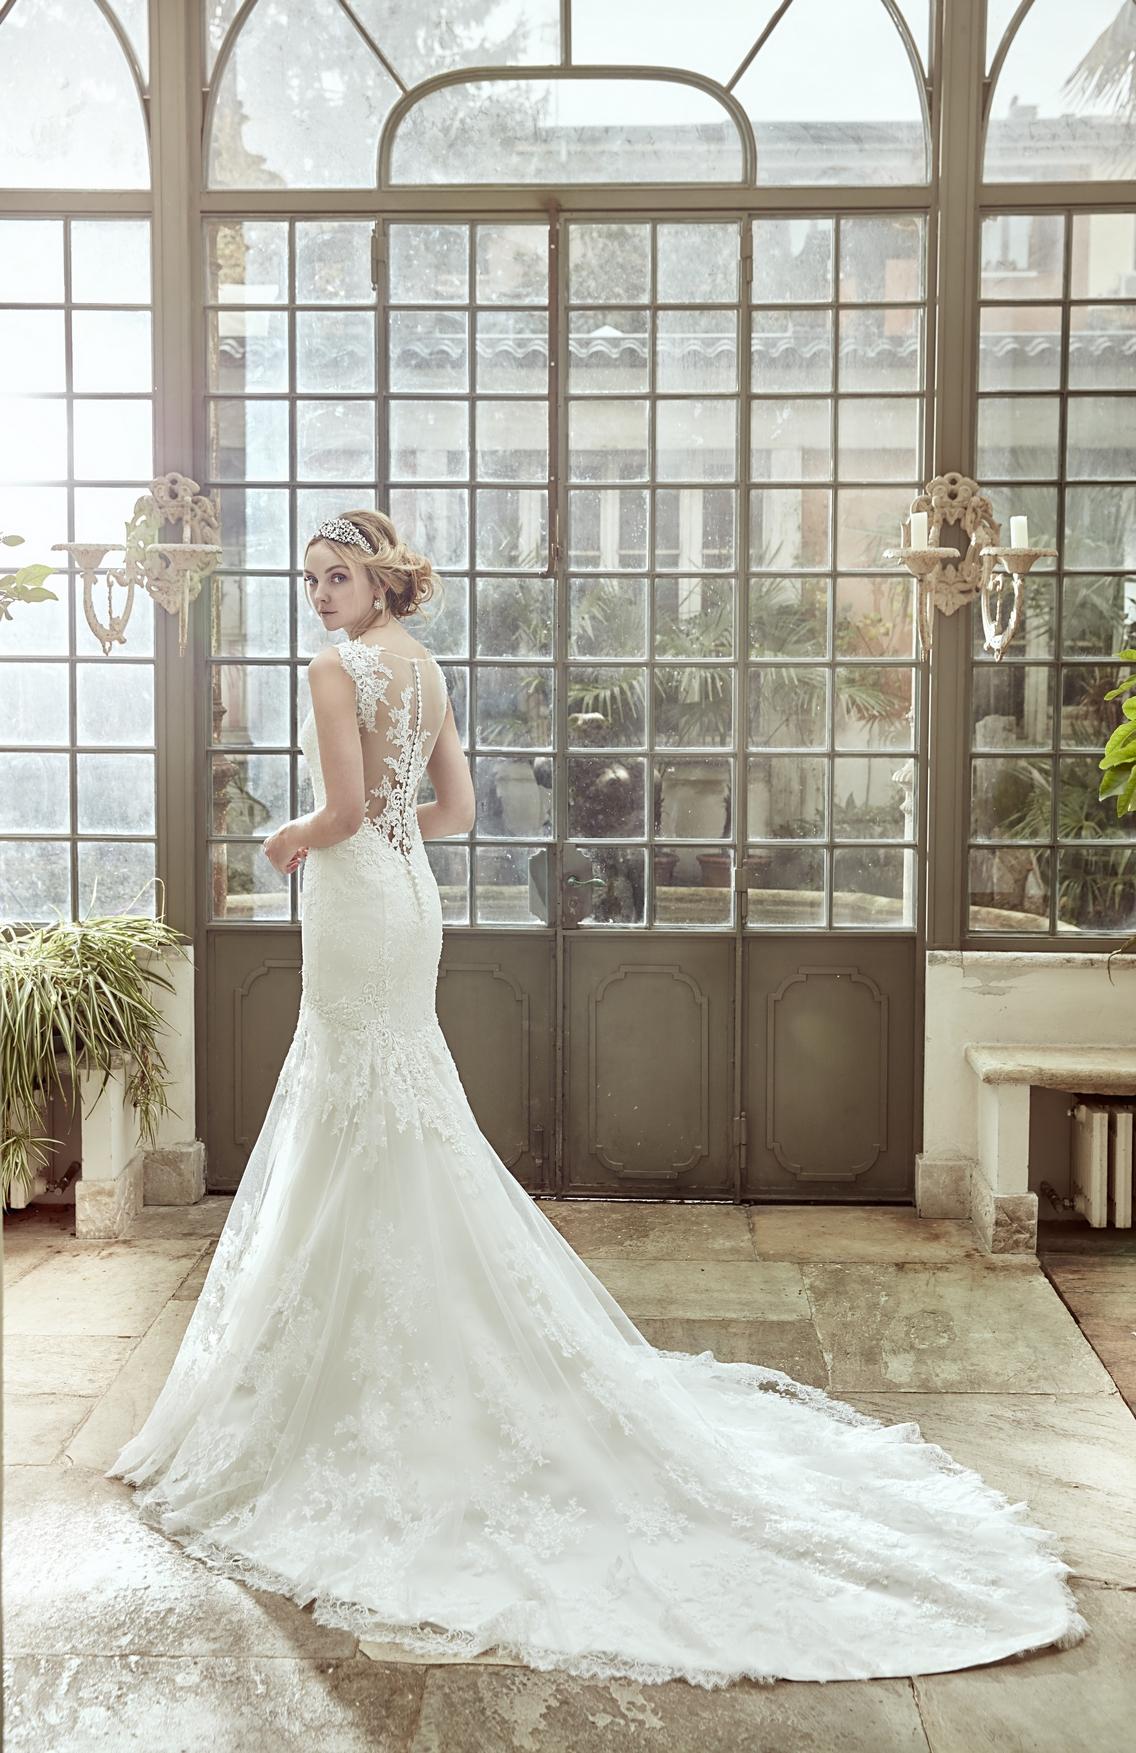 Colet 17054 abiti da sposa il giardino della sposa - Il giardino della sposa ...